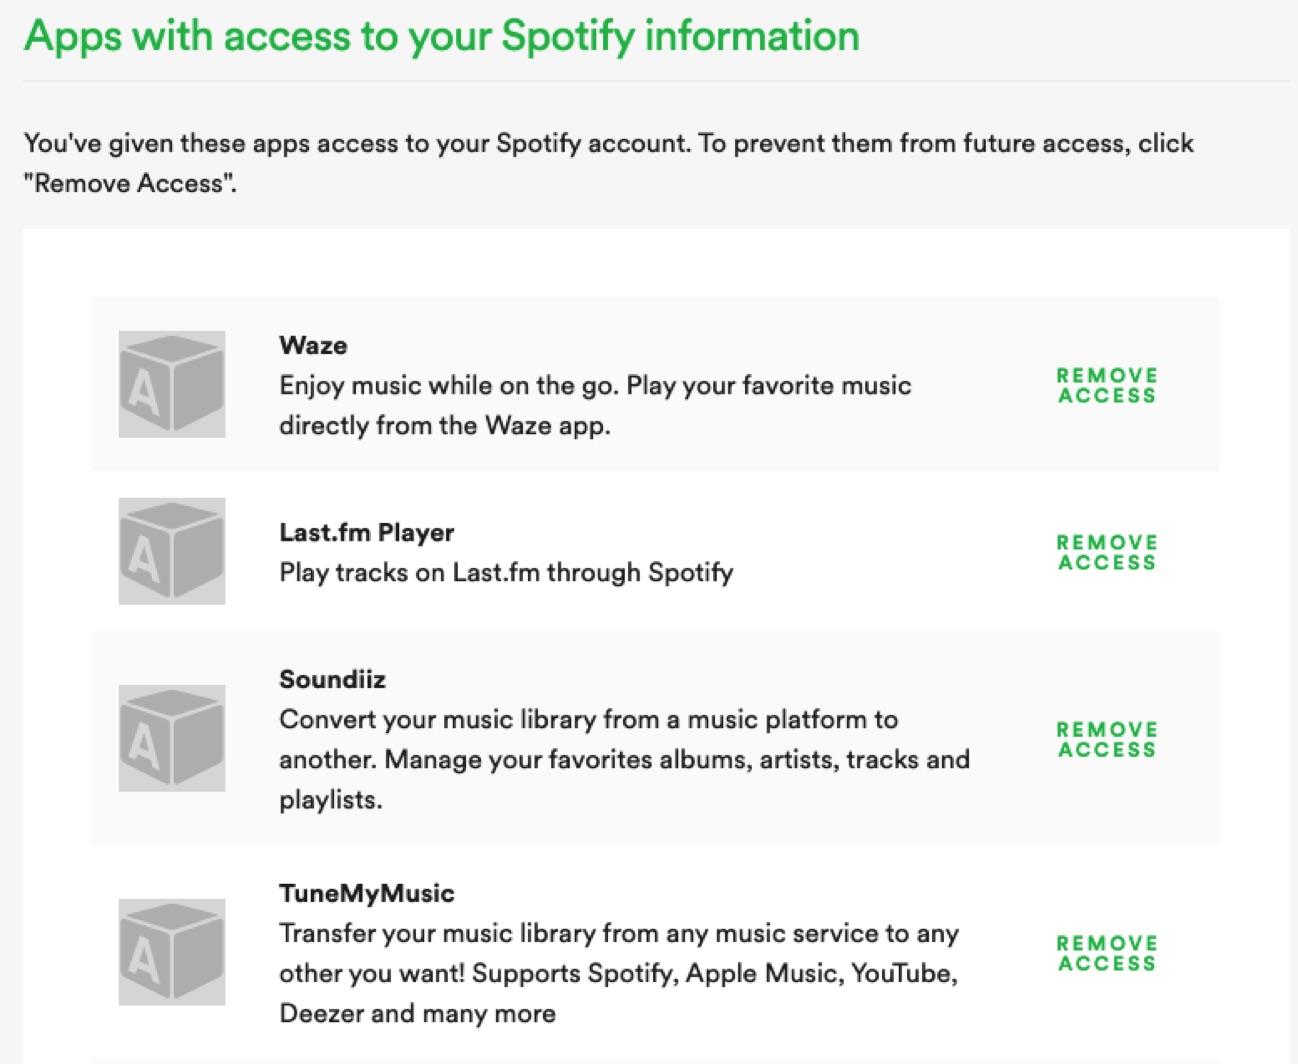 Spotify revoke access